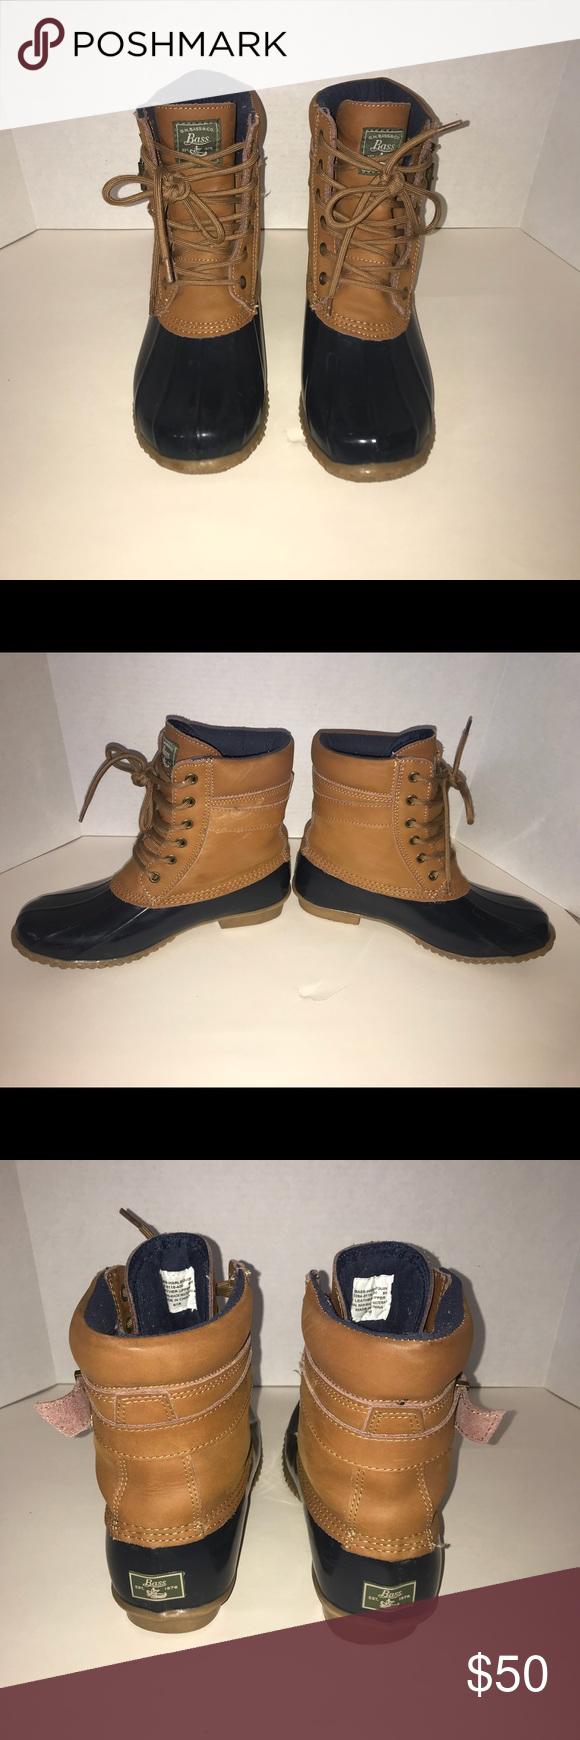 Harlequin Waterproof Duck Boot | Boots